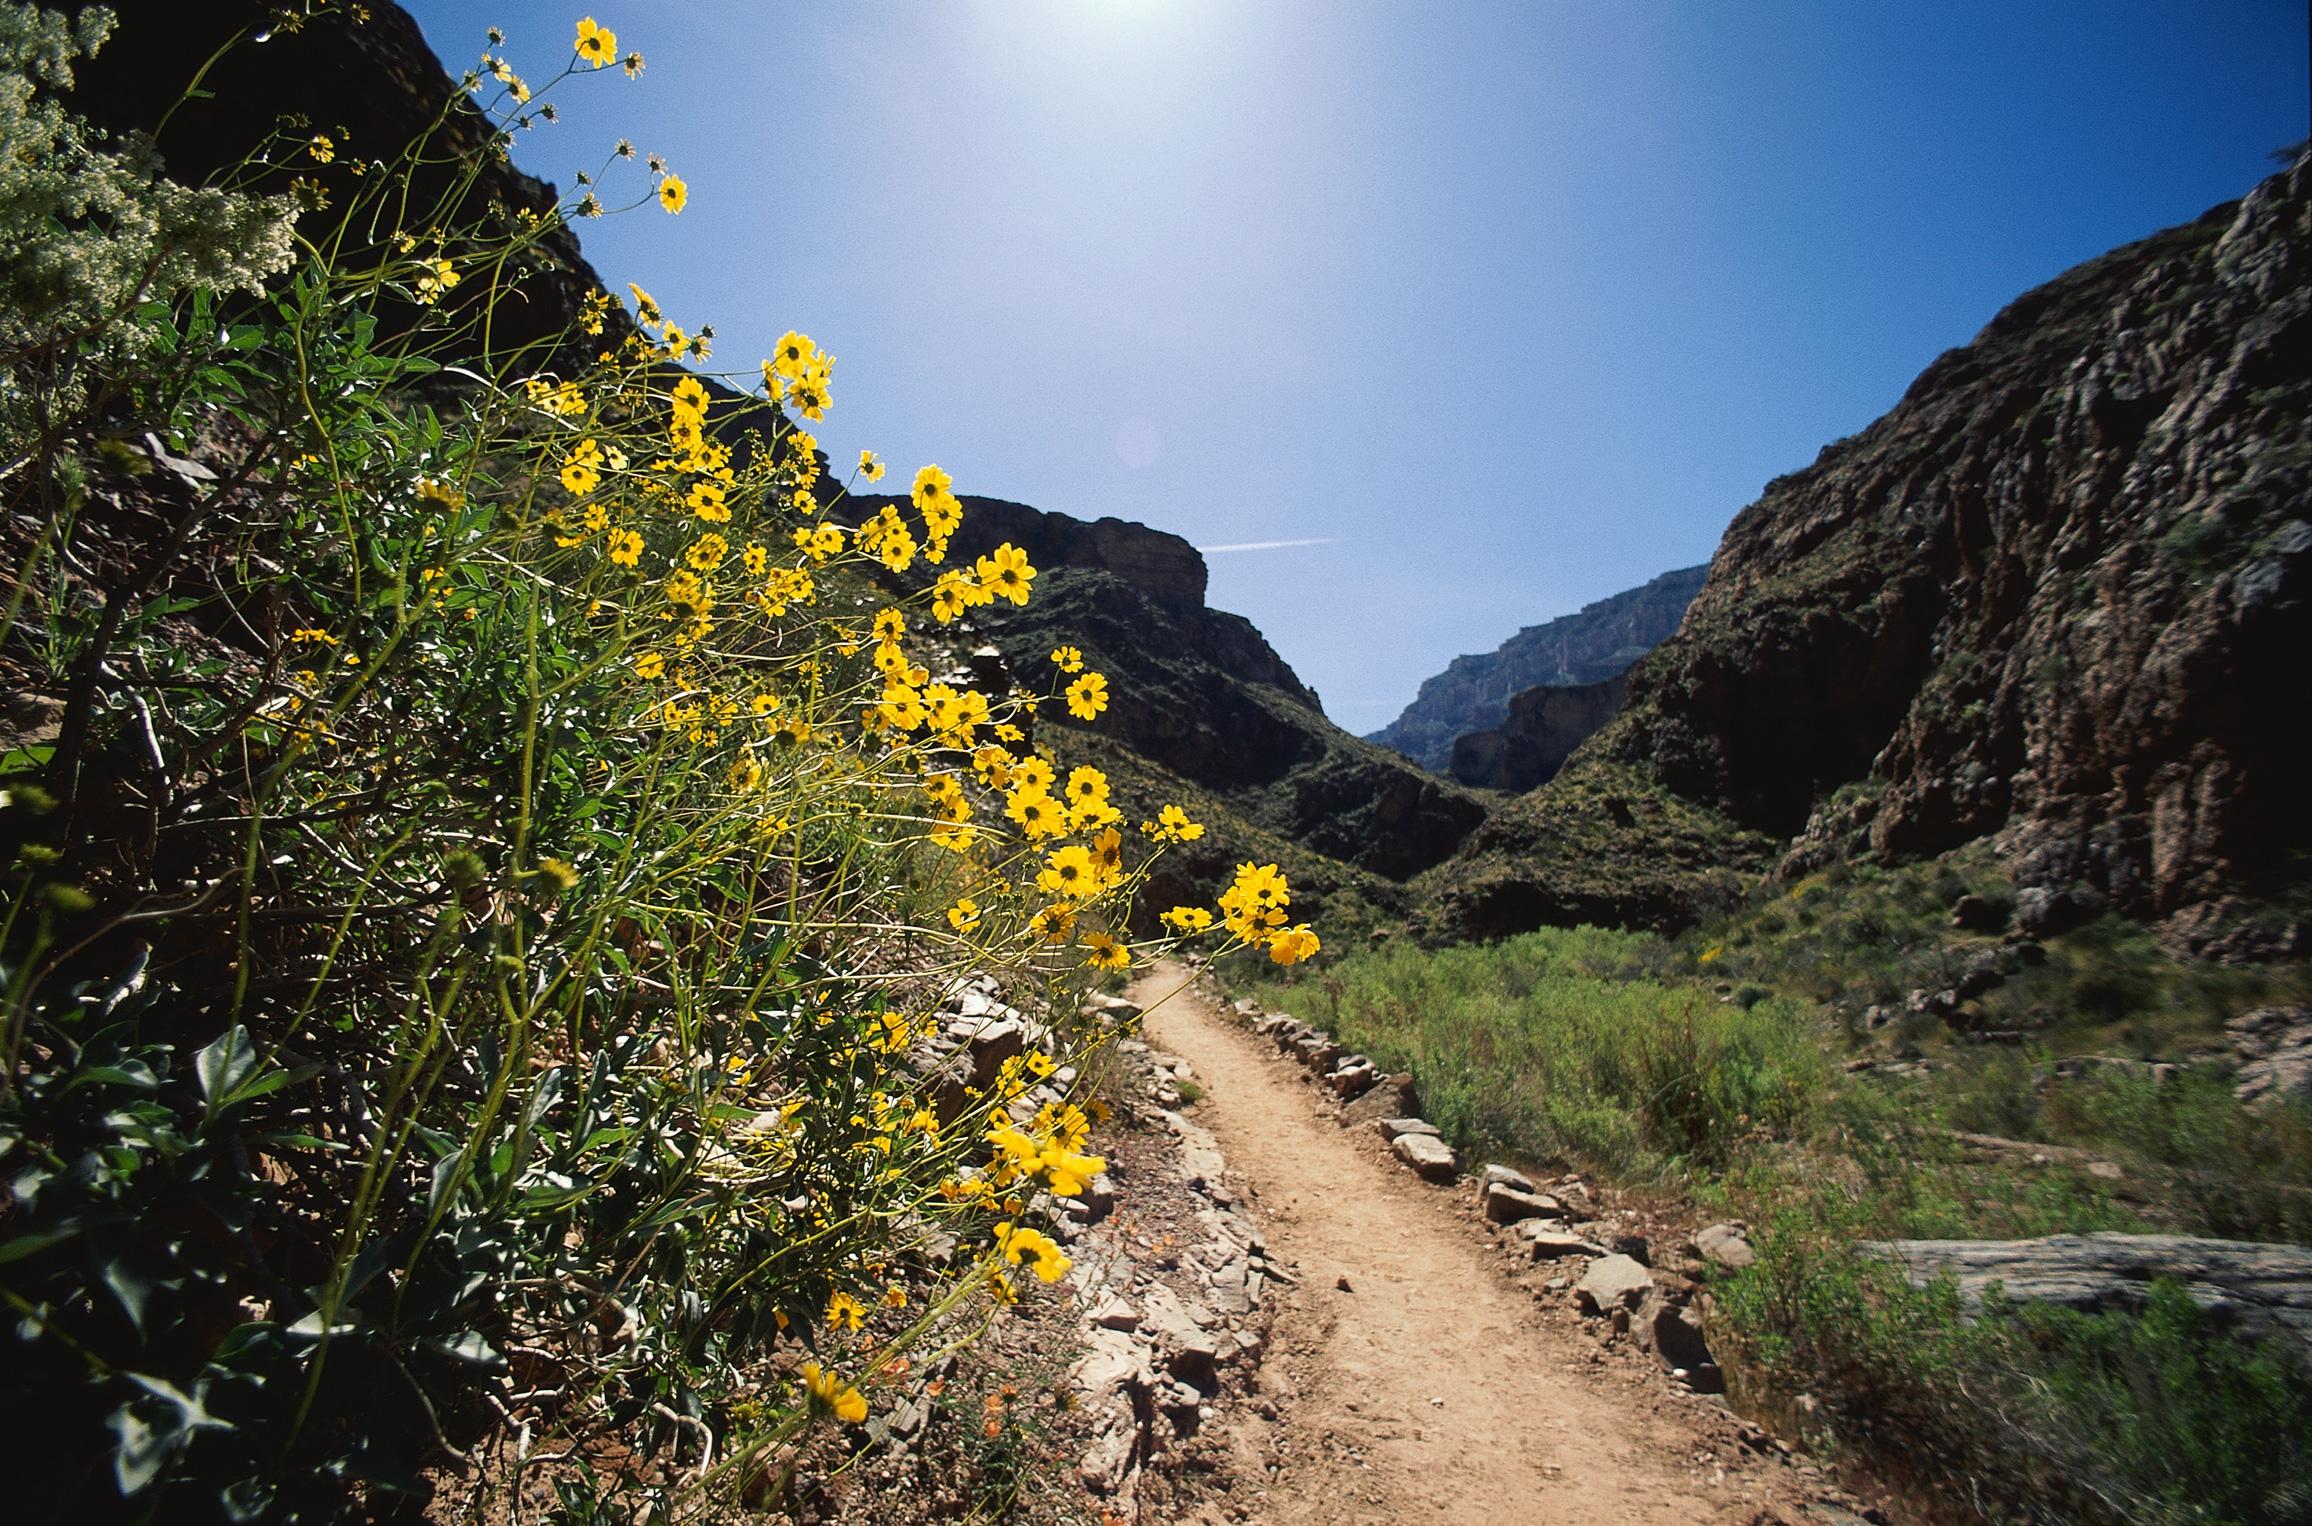 107404 скачать Желтые обои на телефон бесплатно, Природа, Цветы, Камни, Горы, Дорога, Тропа Желтые картинки и заставки на мобильный